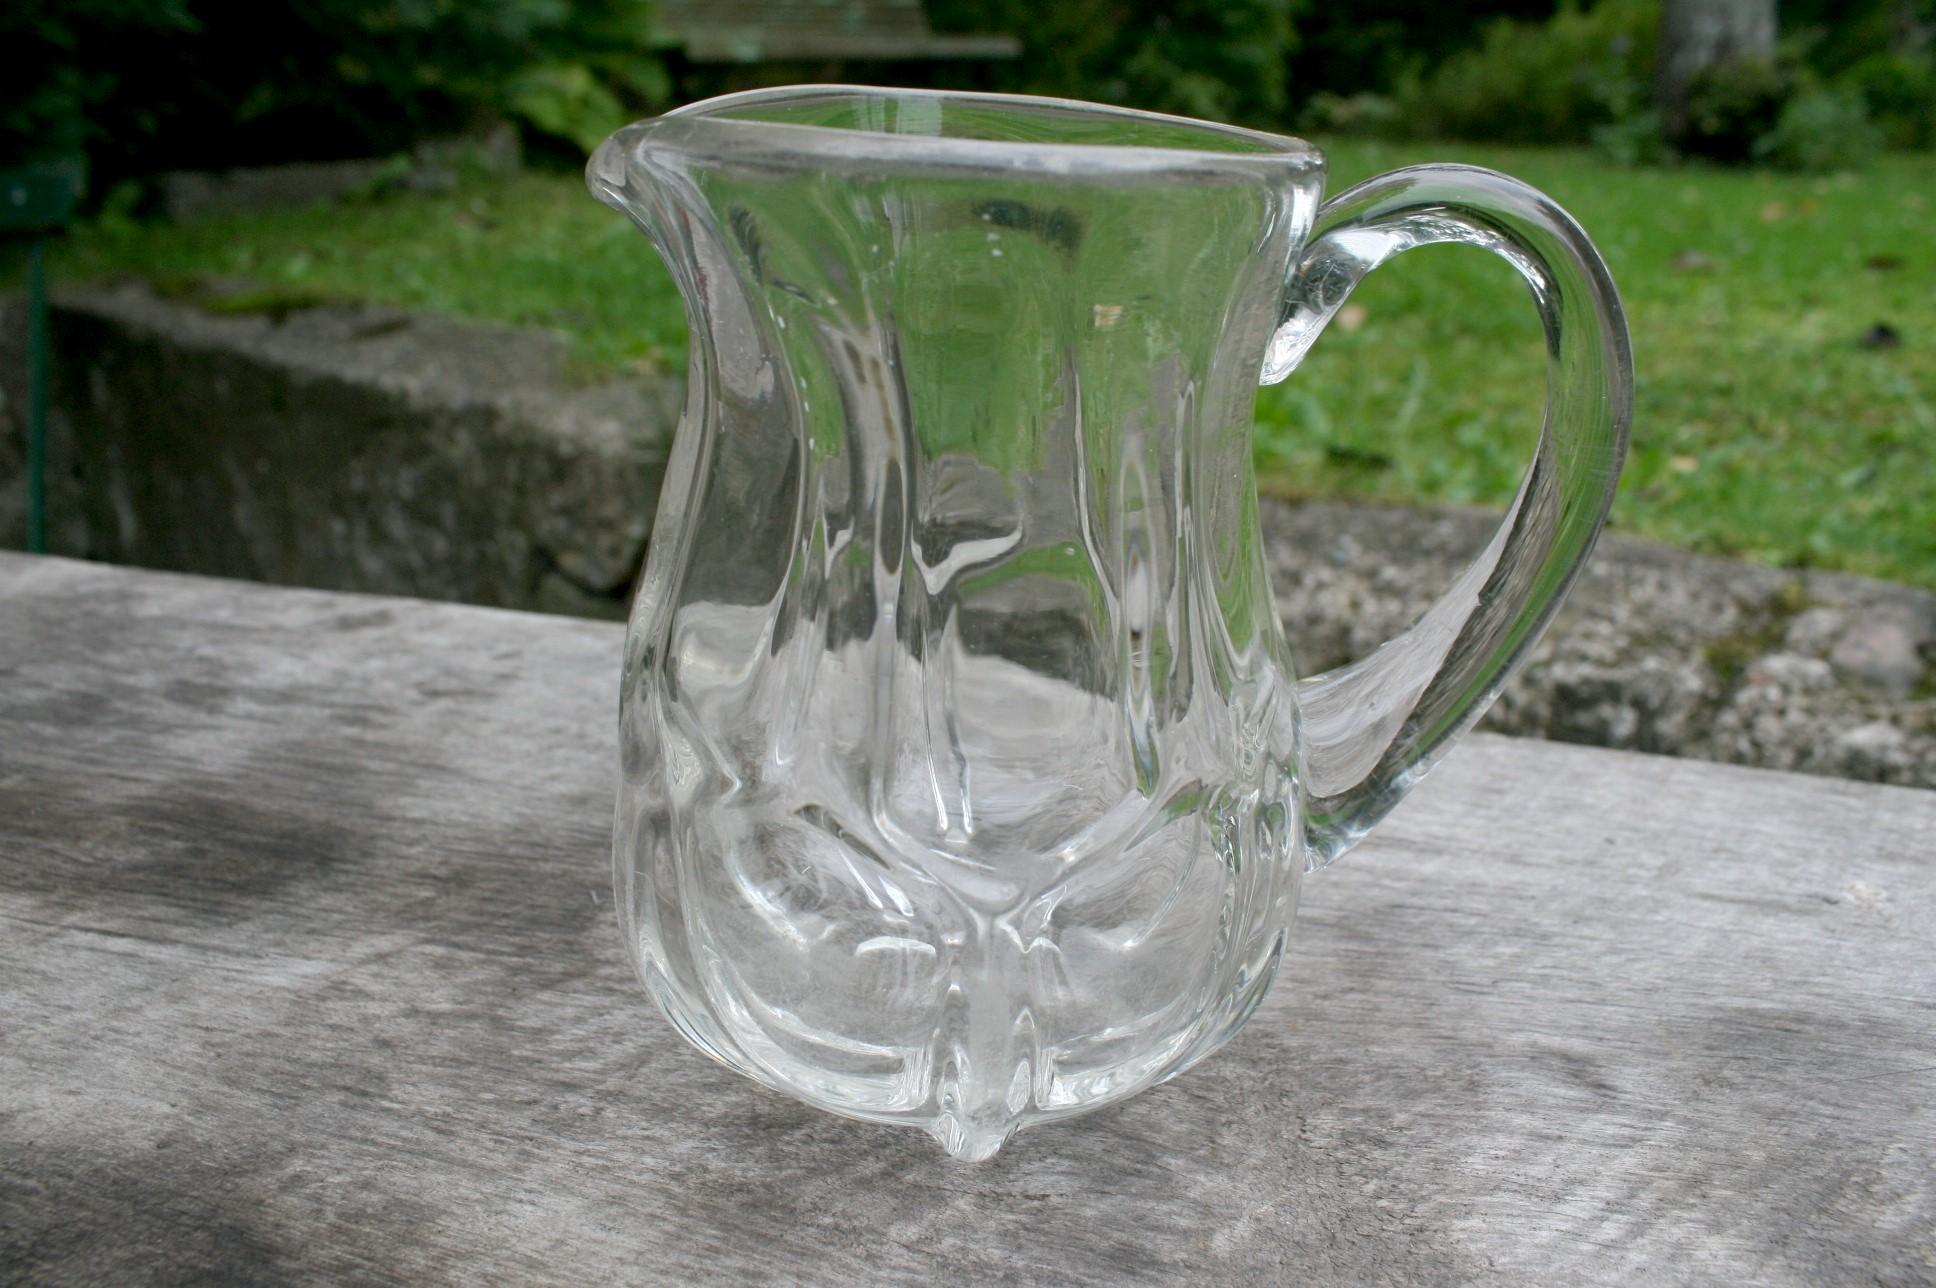 Fin gammel glas mælkekande dansk glasværk.